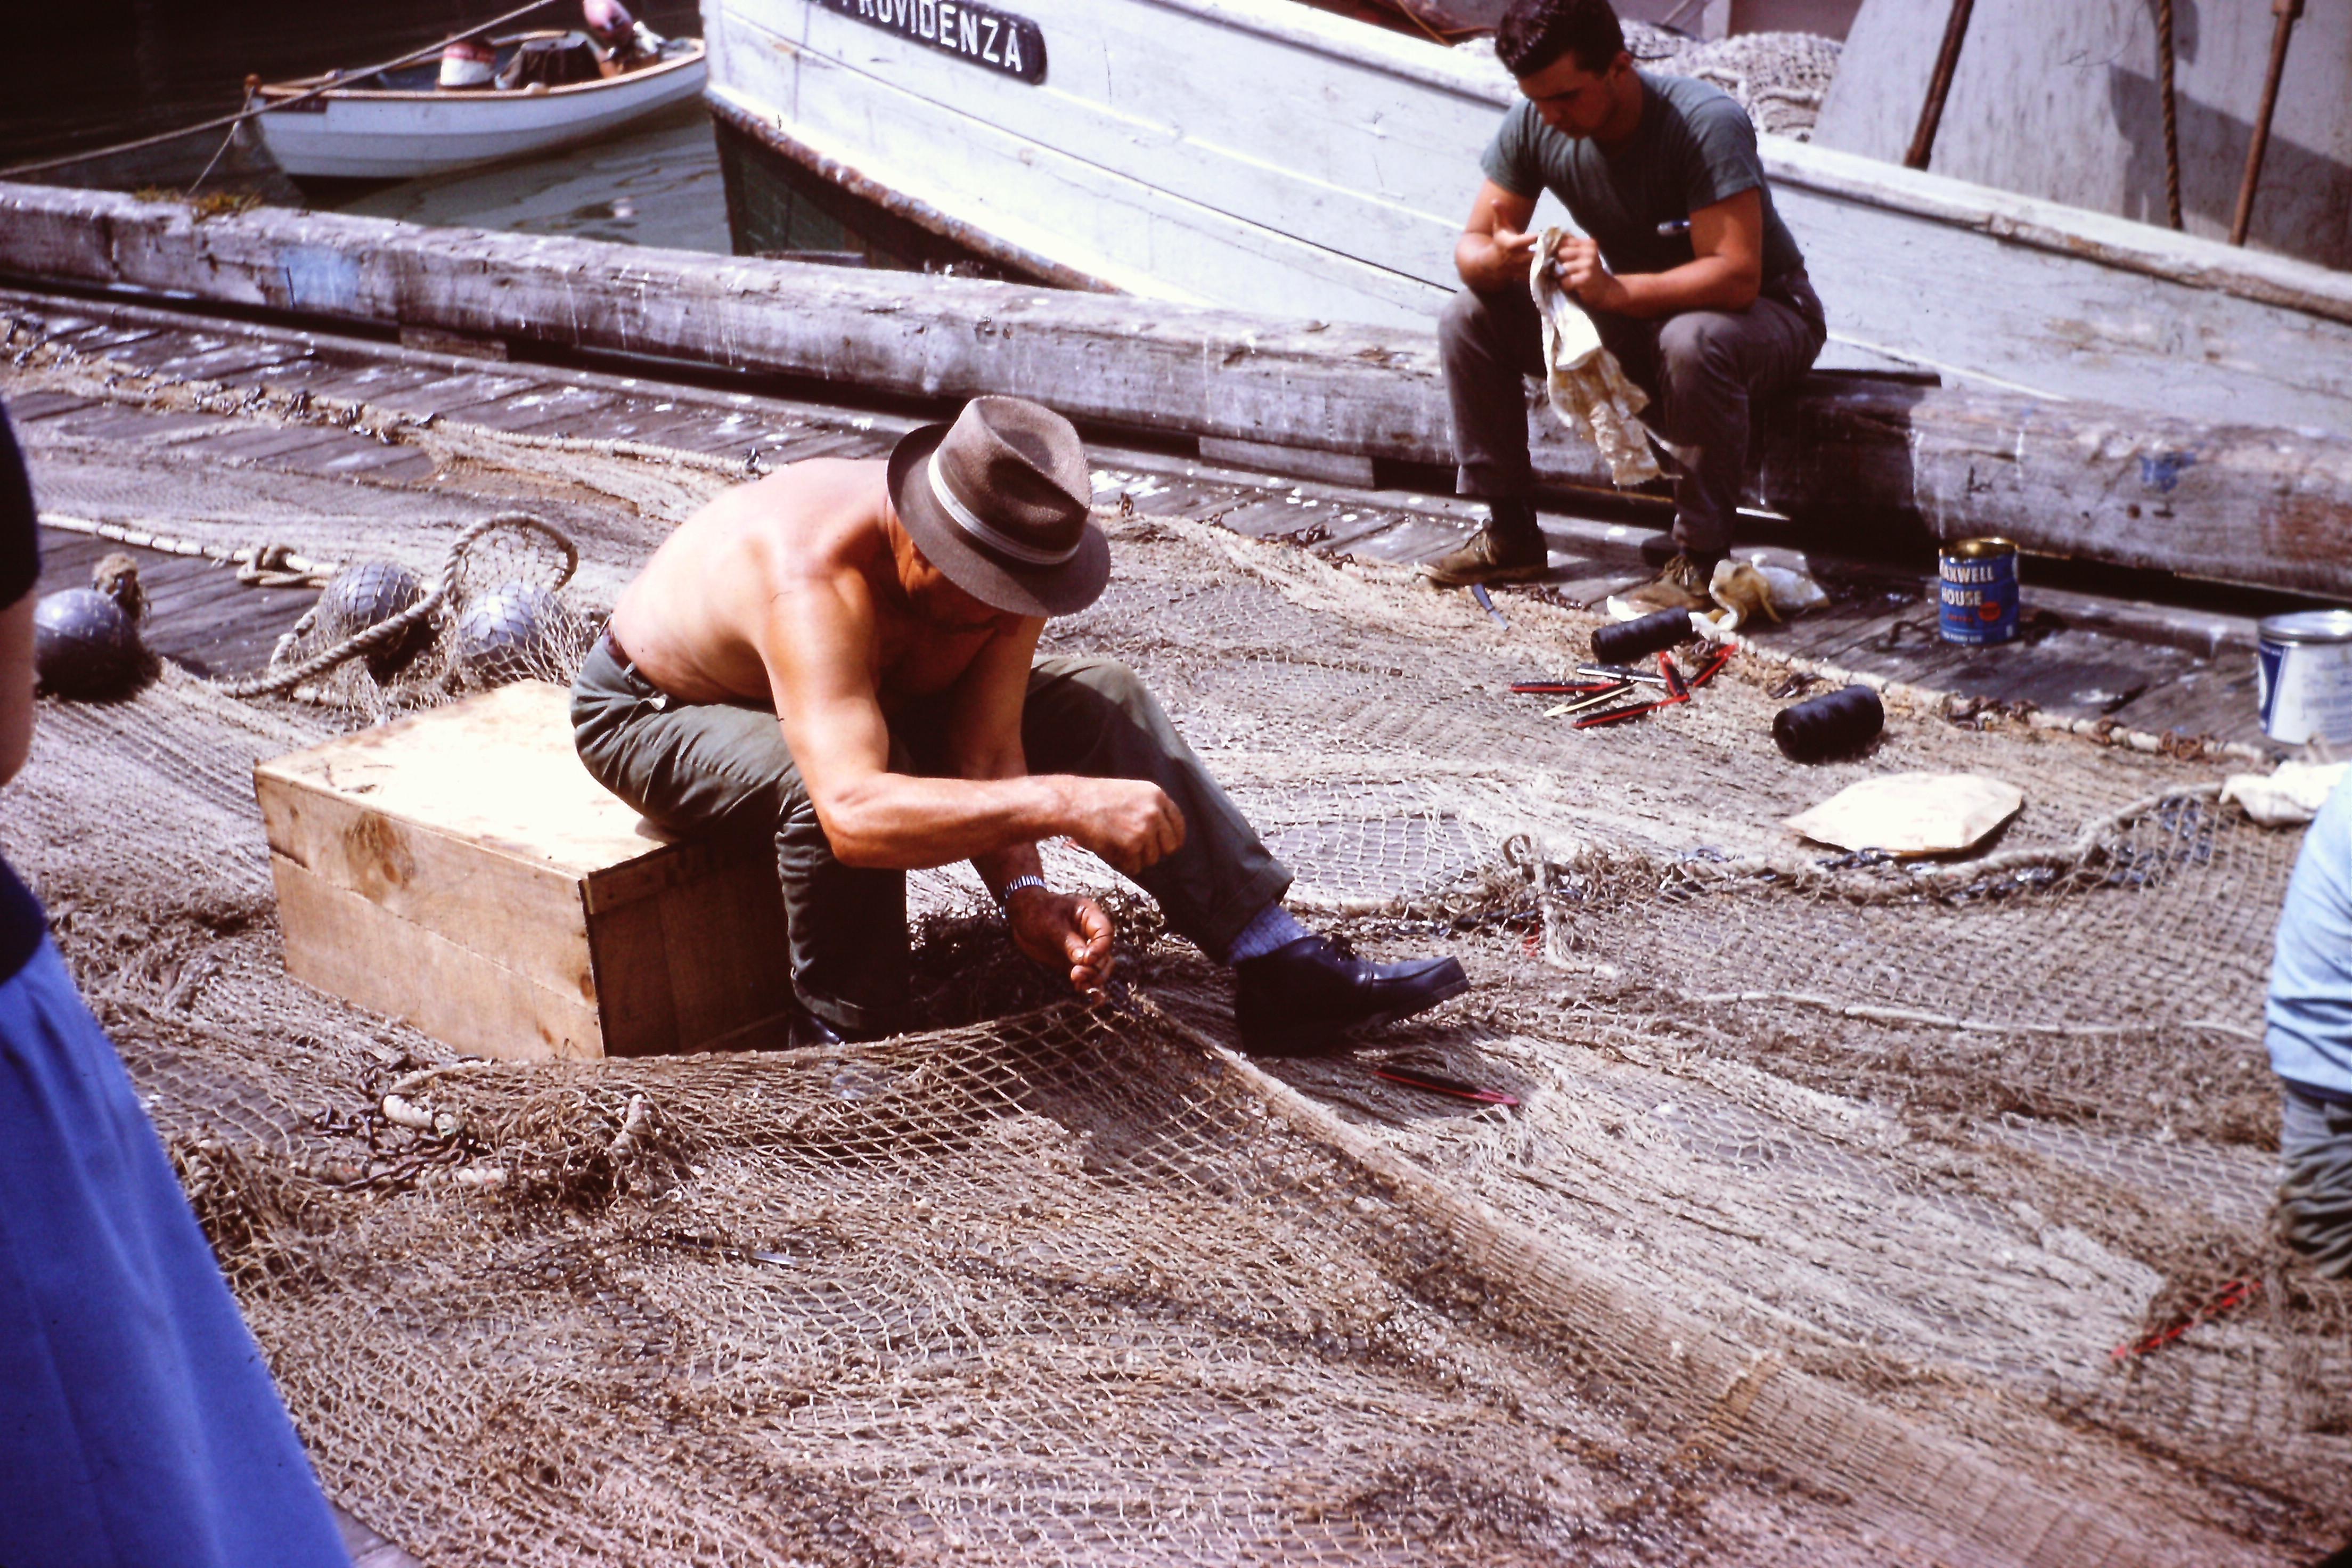 fishermen-tending-nets-53